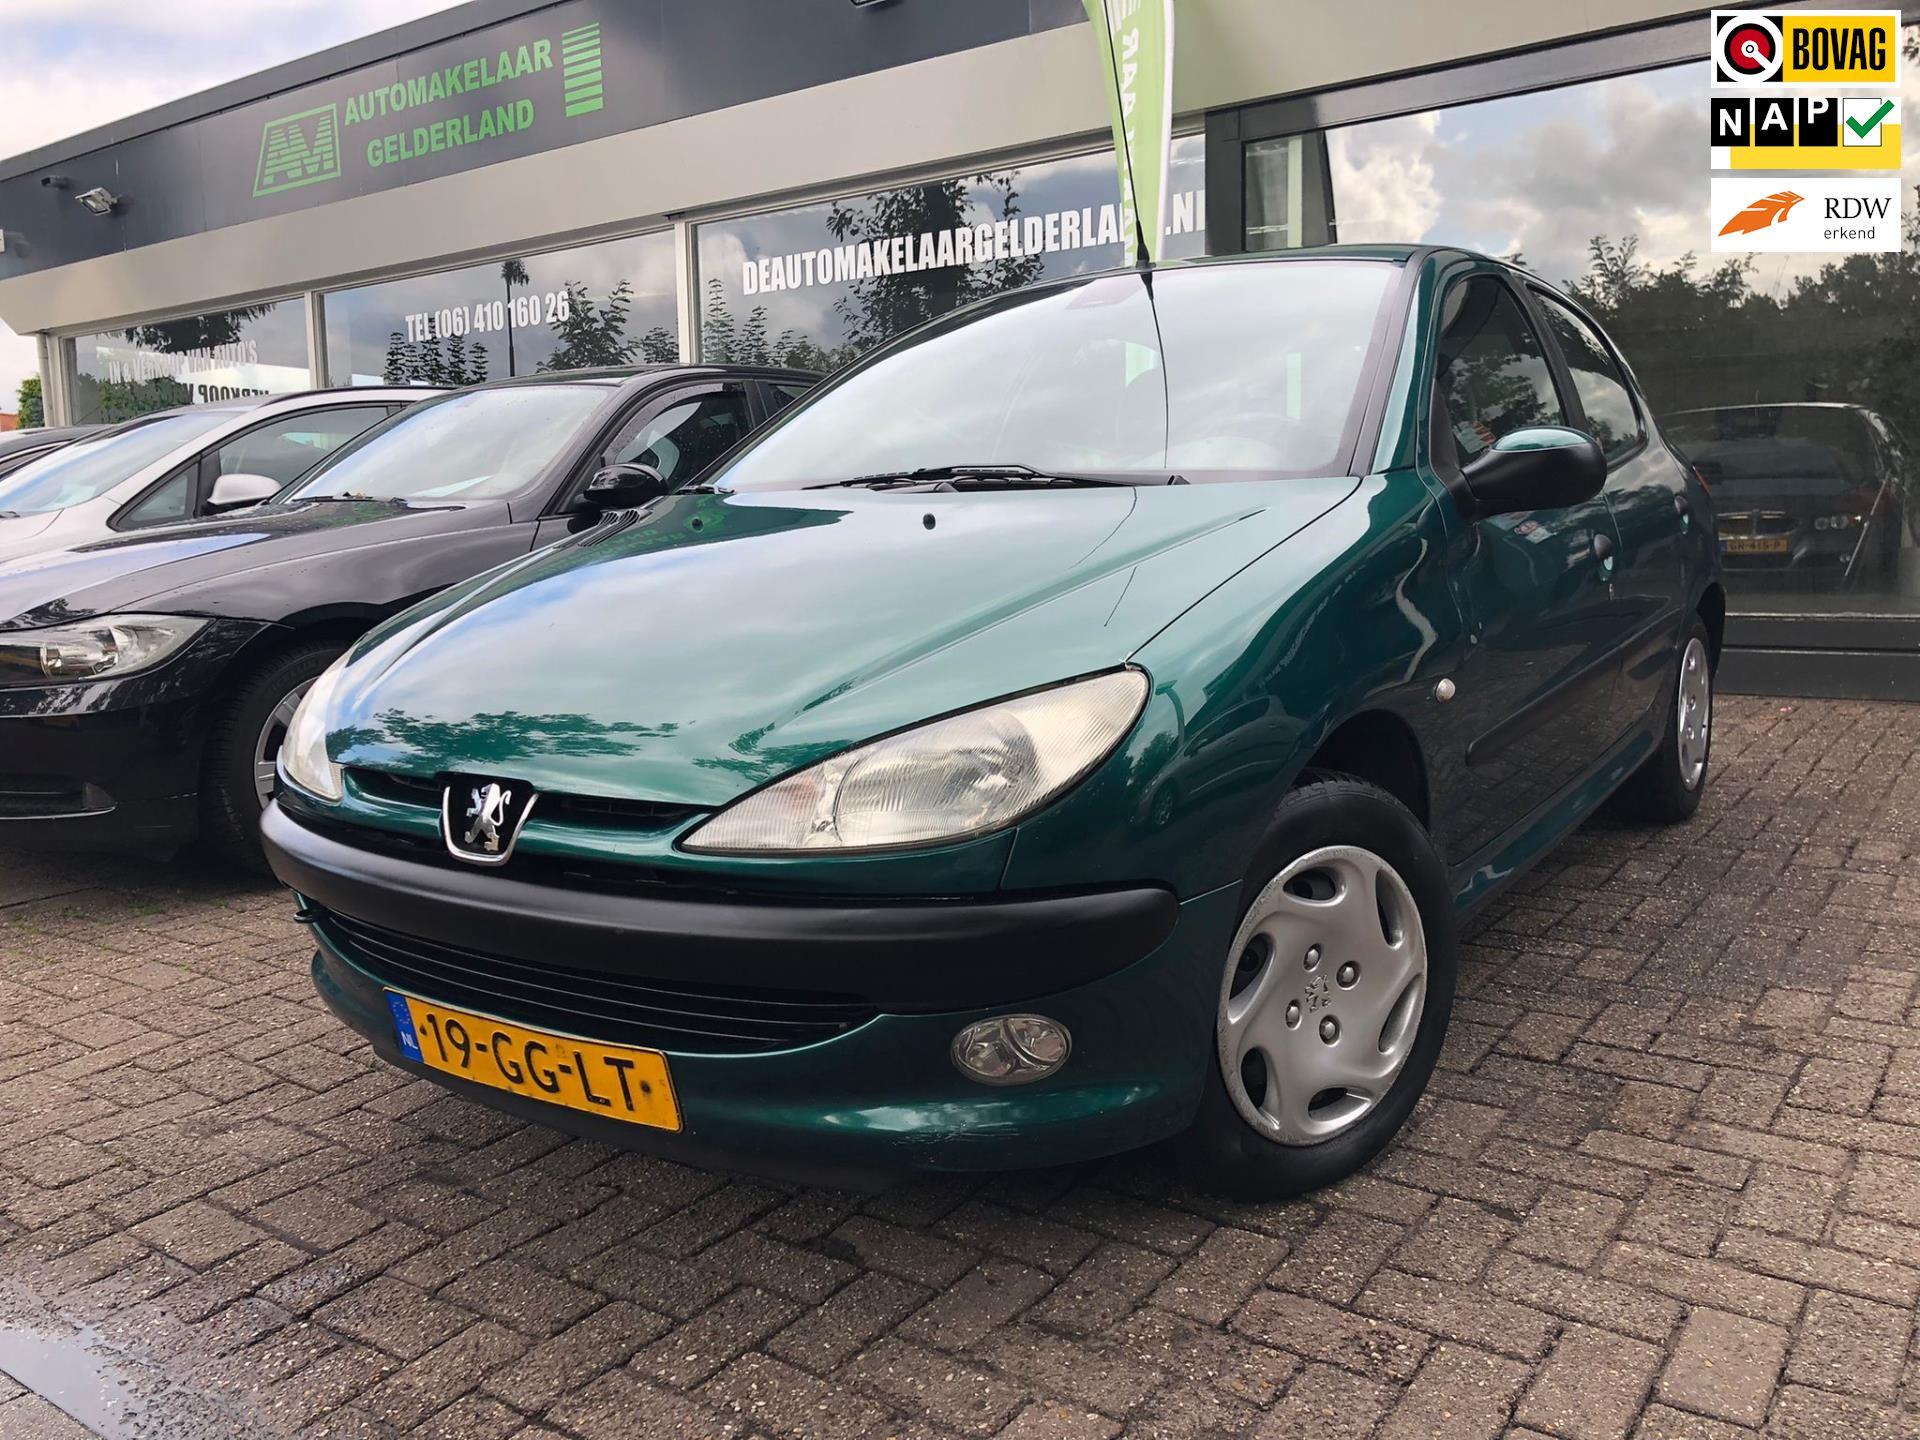 Peugeot 206 occasion - De Automakelaar Gelderland